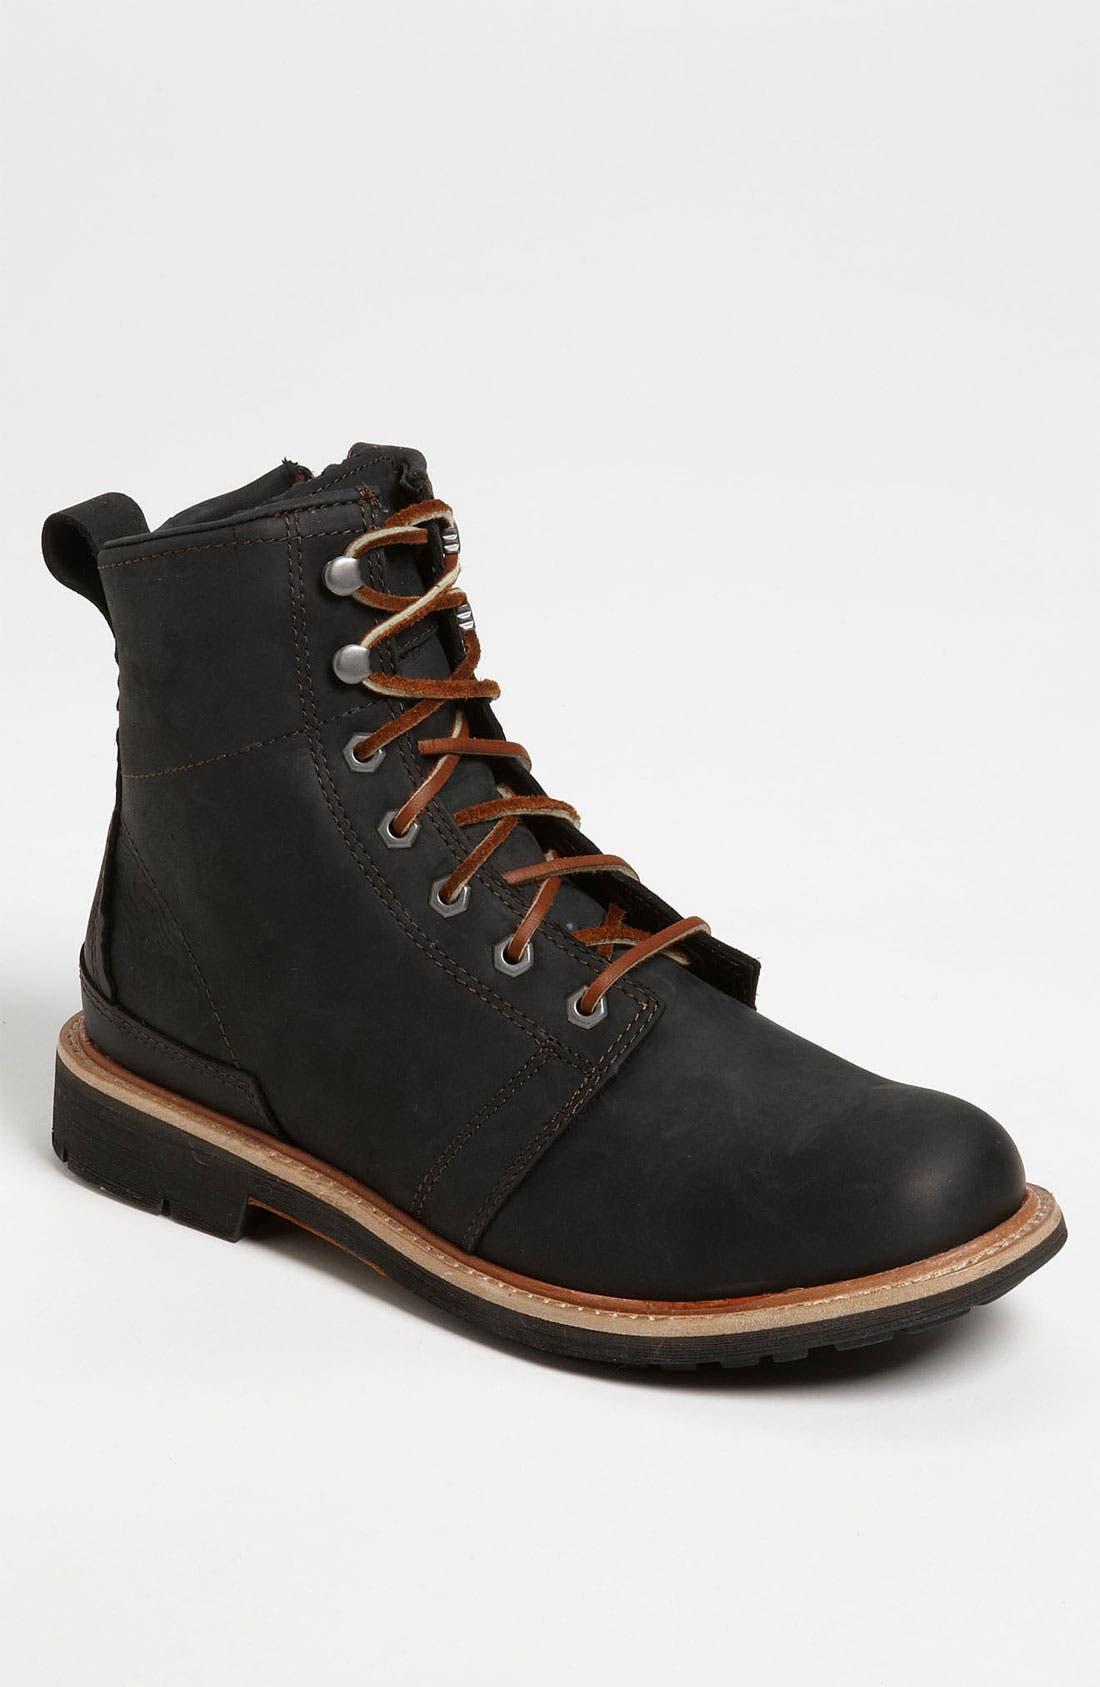 OLUKAI 'Mauna Kea' Round Toe Boot, Main, color, 001